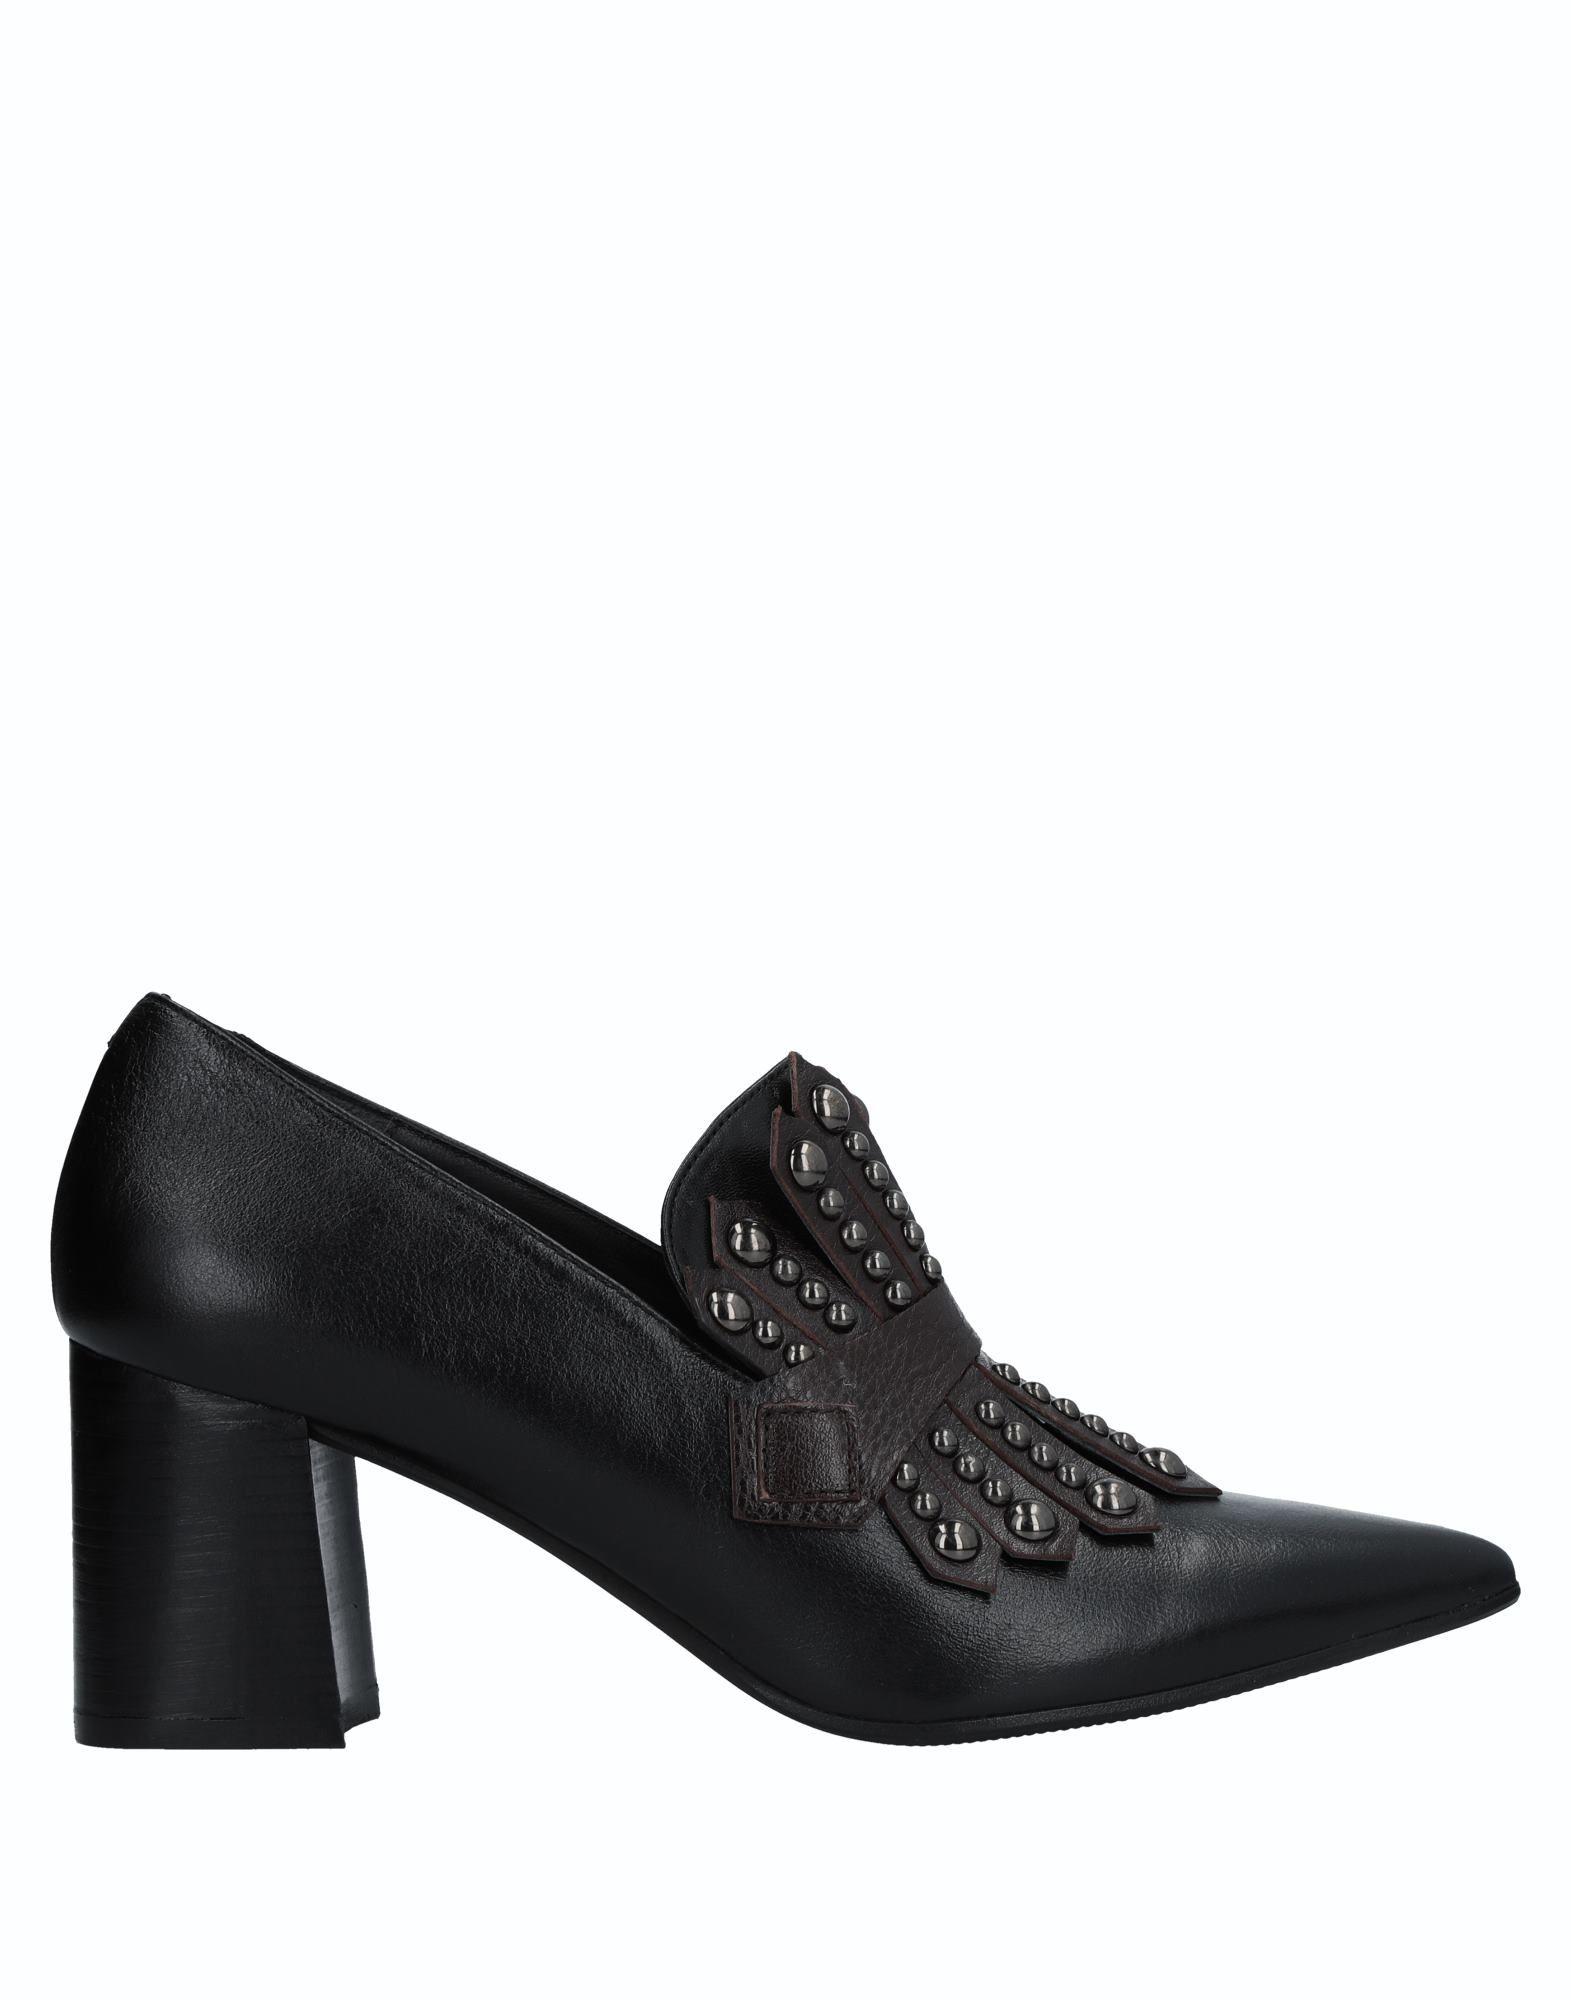 Zinda Qualität Mokassins Damen 11518010EU Gute Qualität Zinda beliebte Schuhe d2d74d